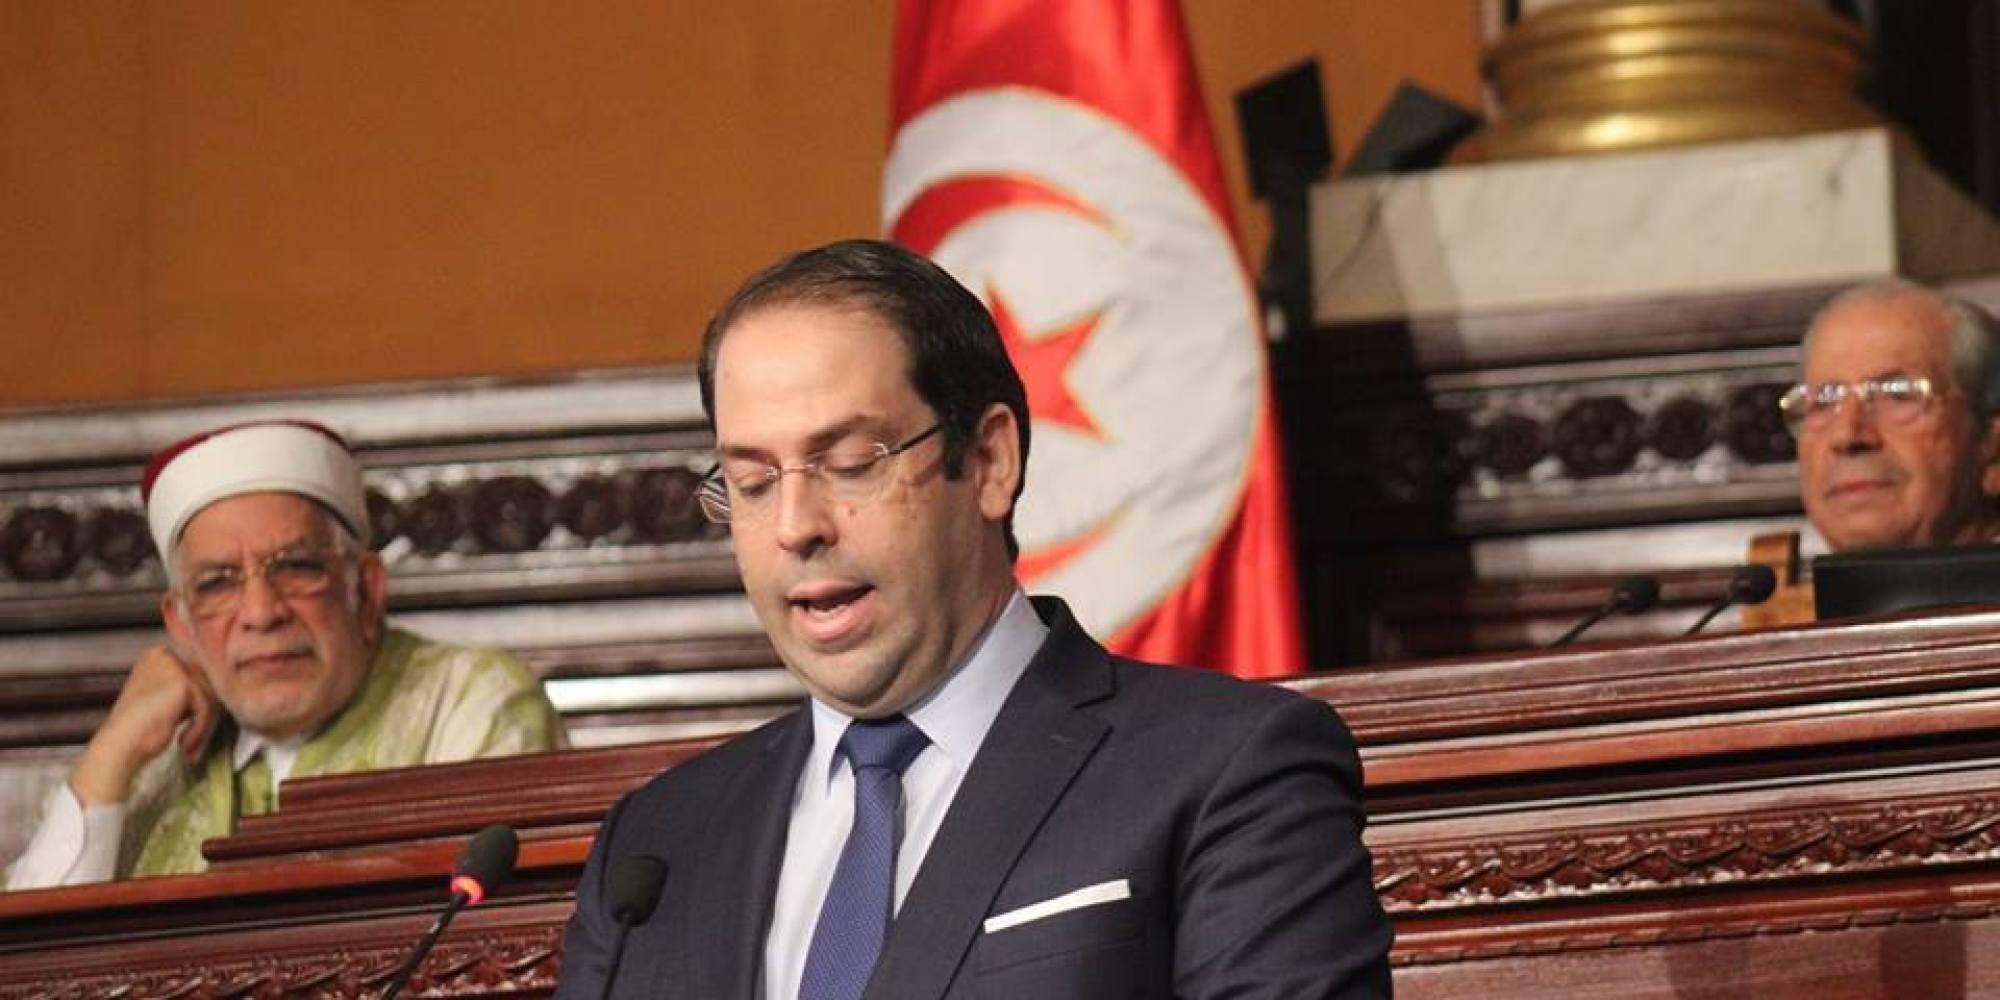 Tunisie: Youssef Chahed auditionné en plénière le 23 mars prochain